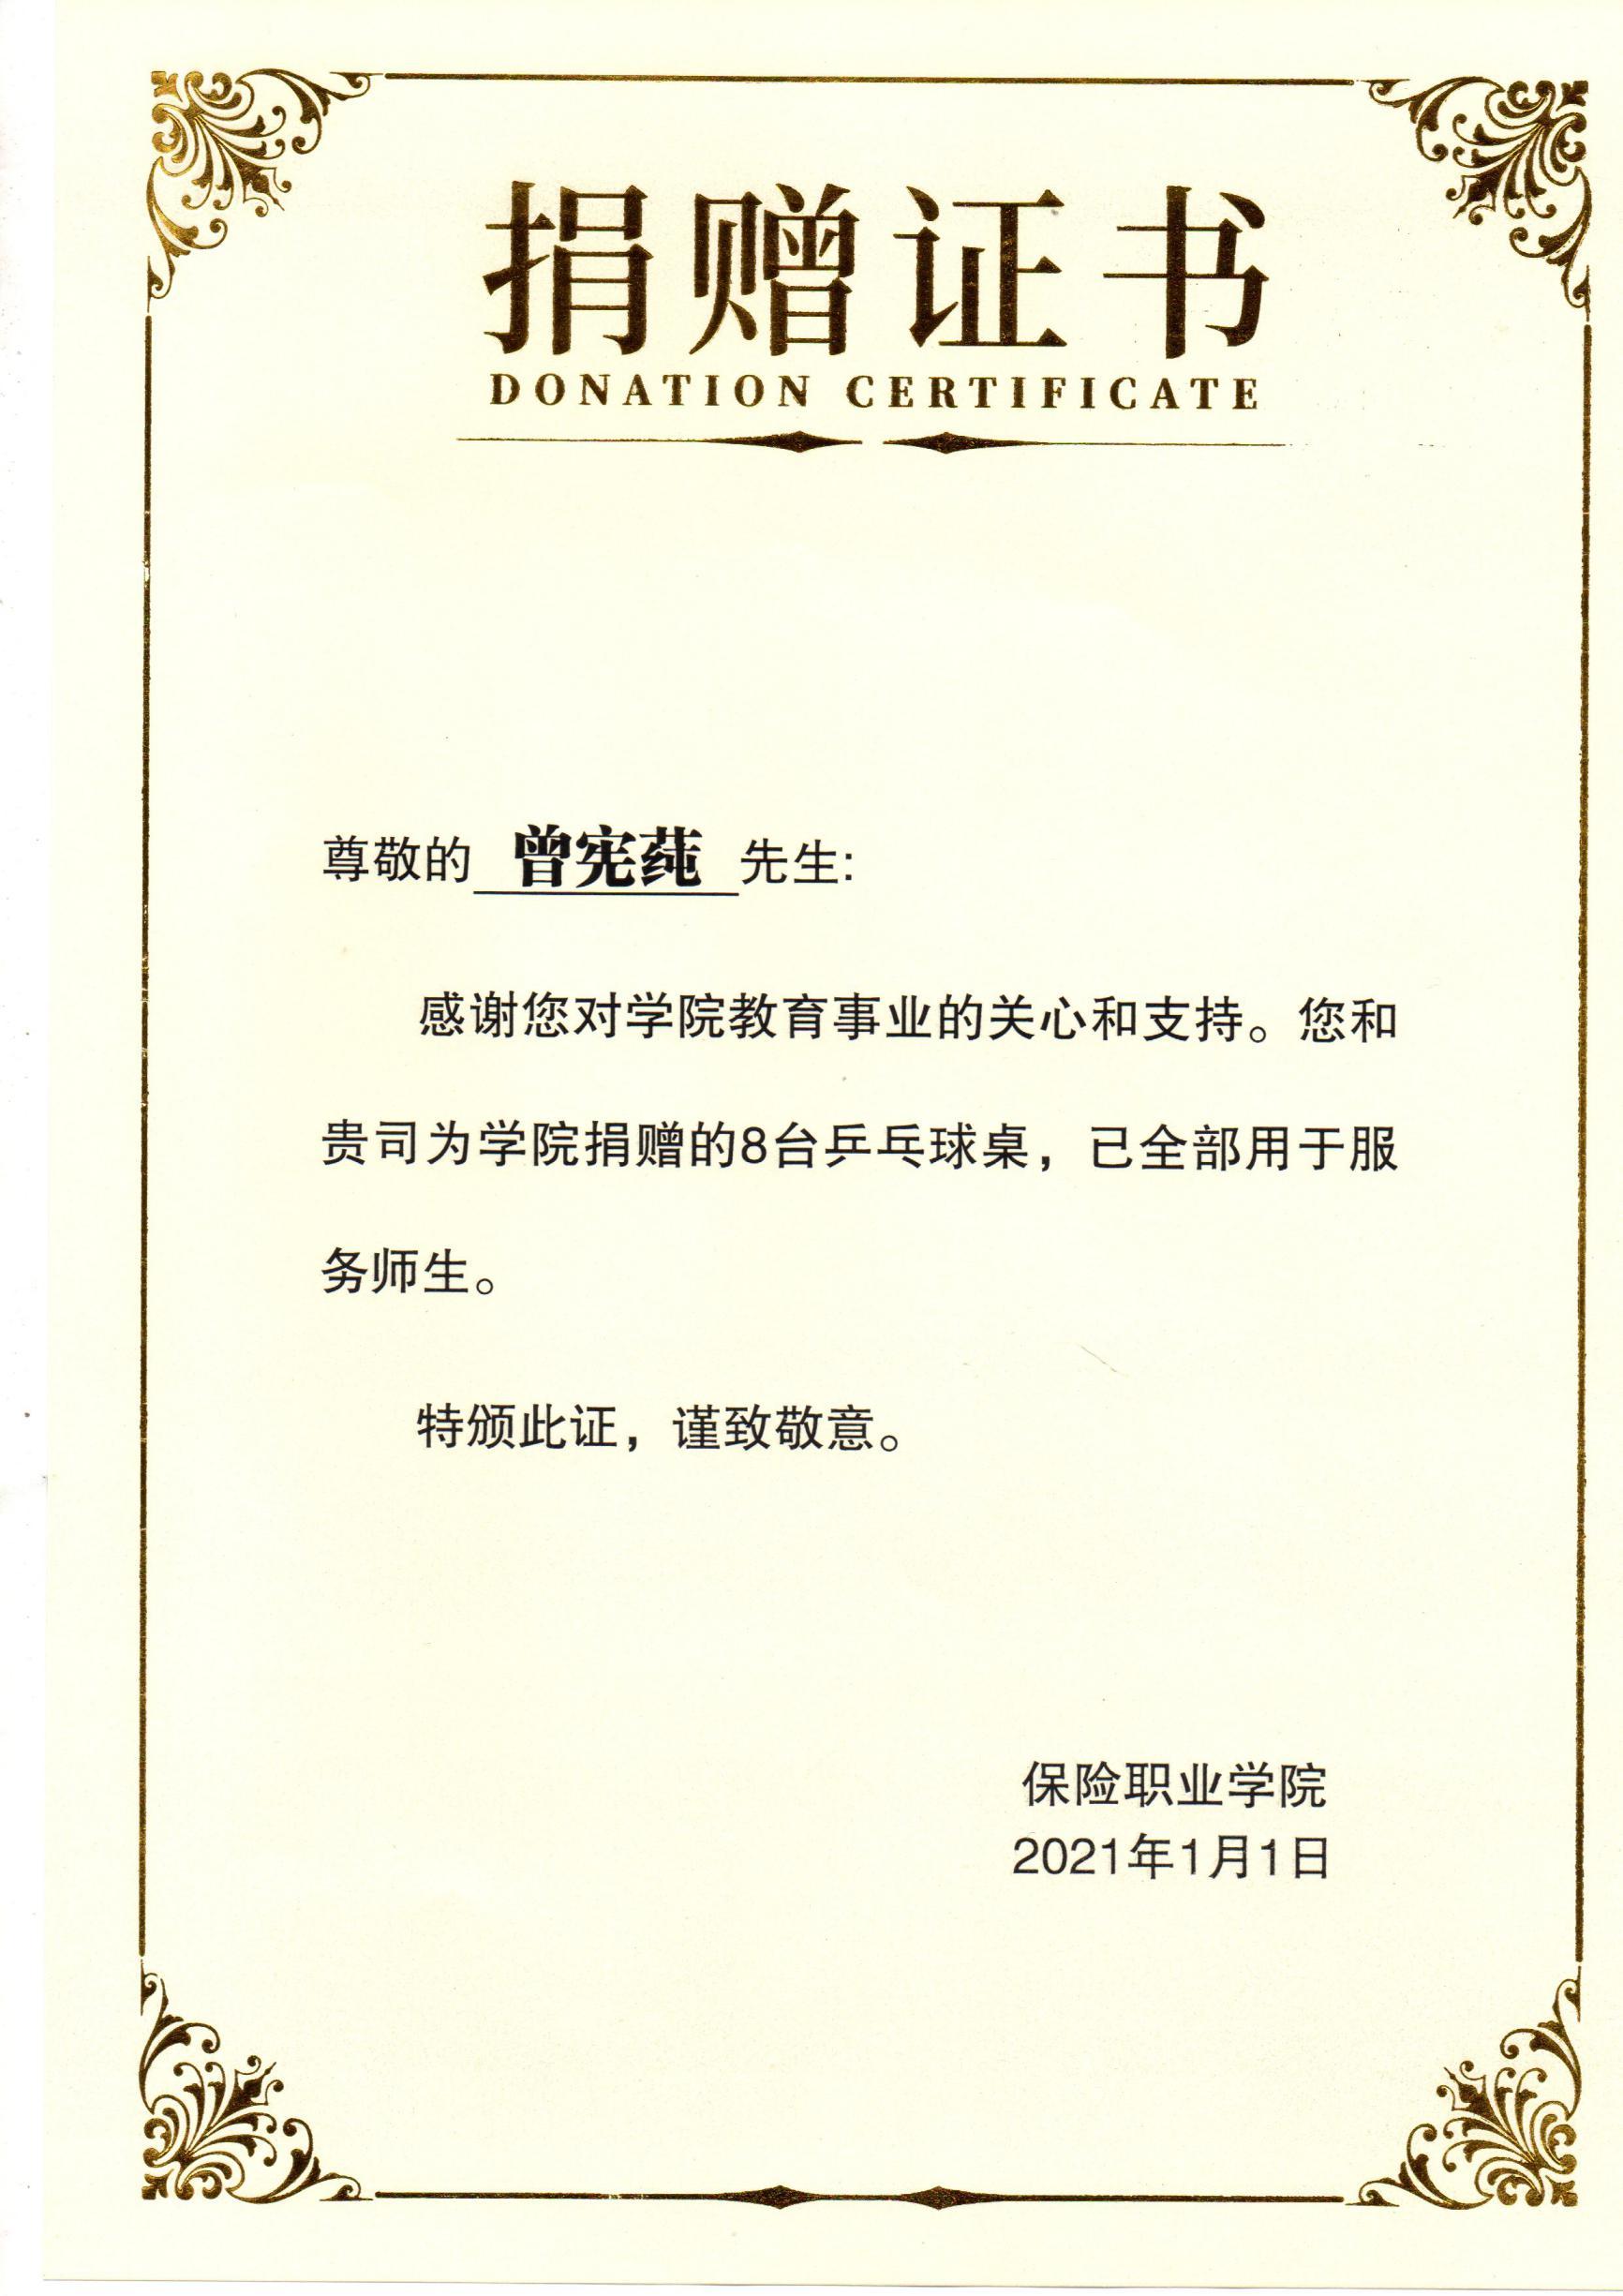 体育器材捐赠证书